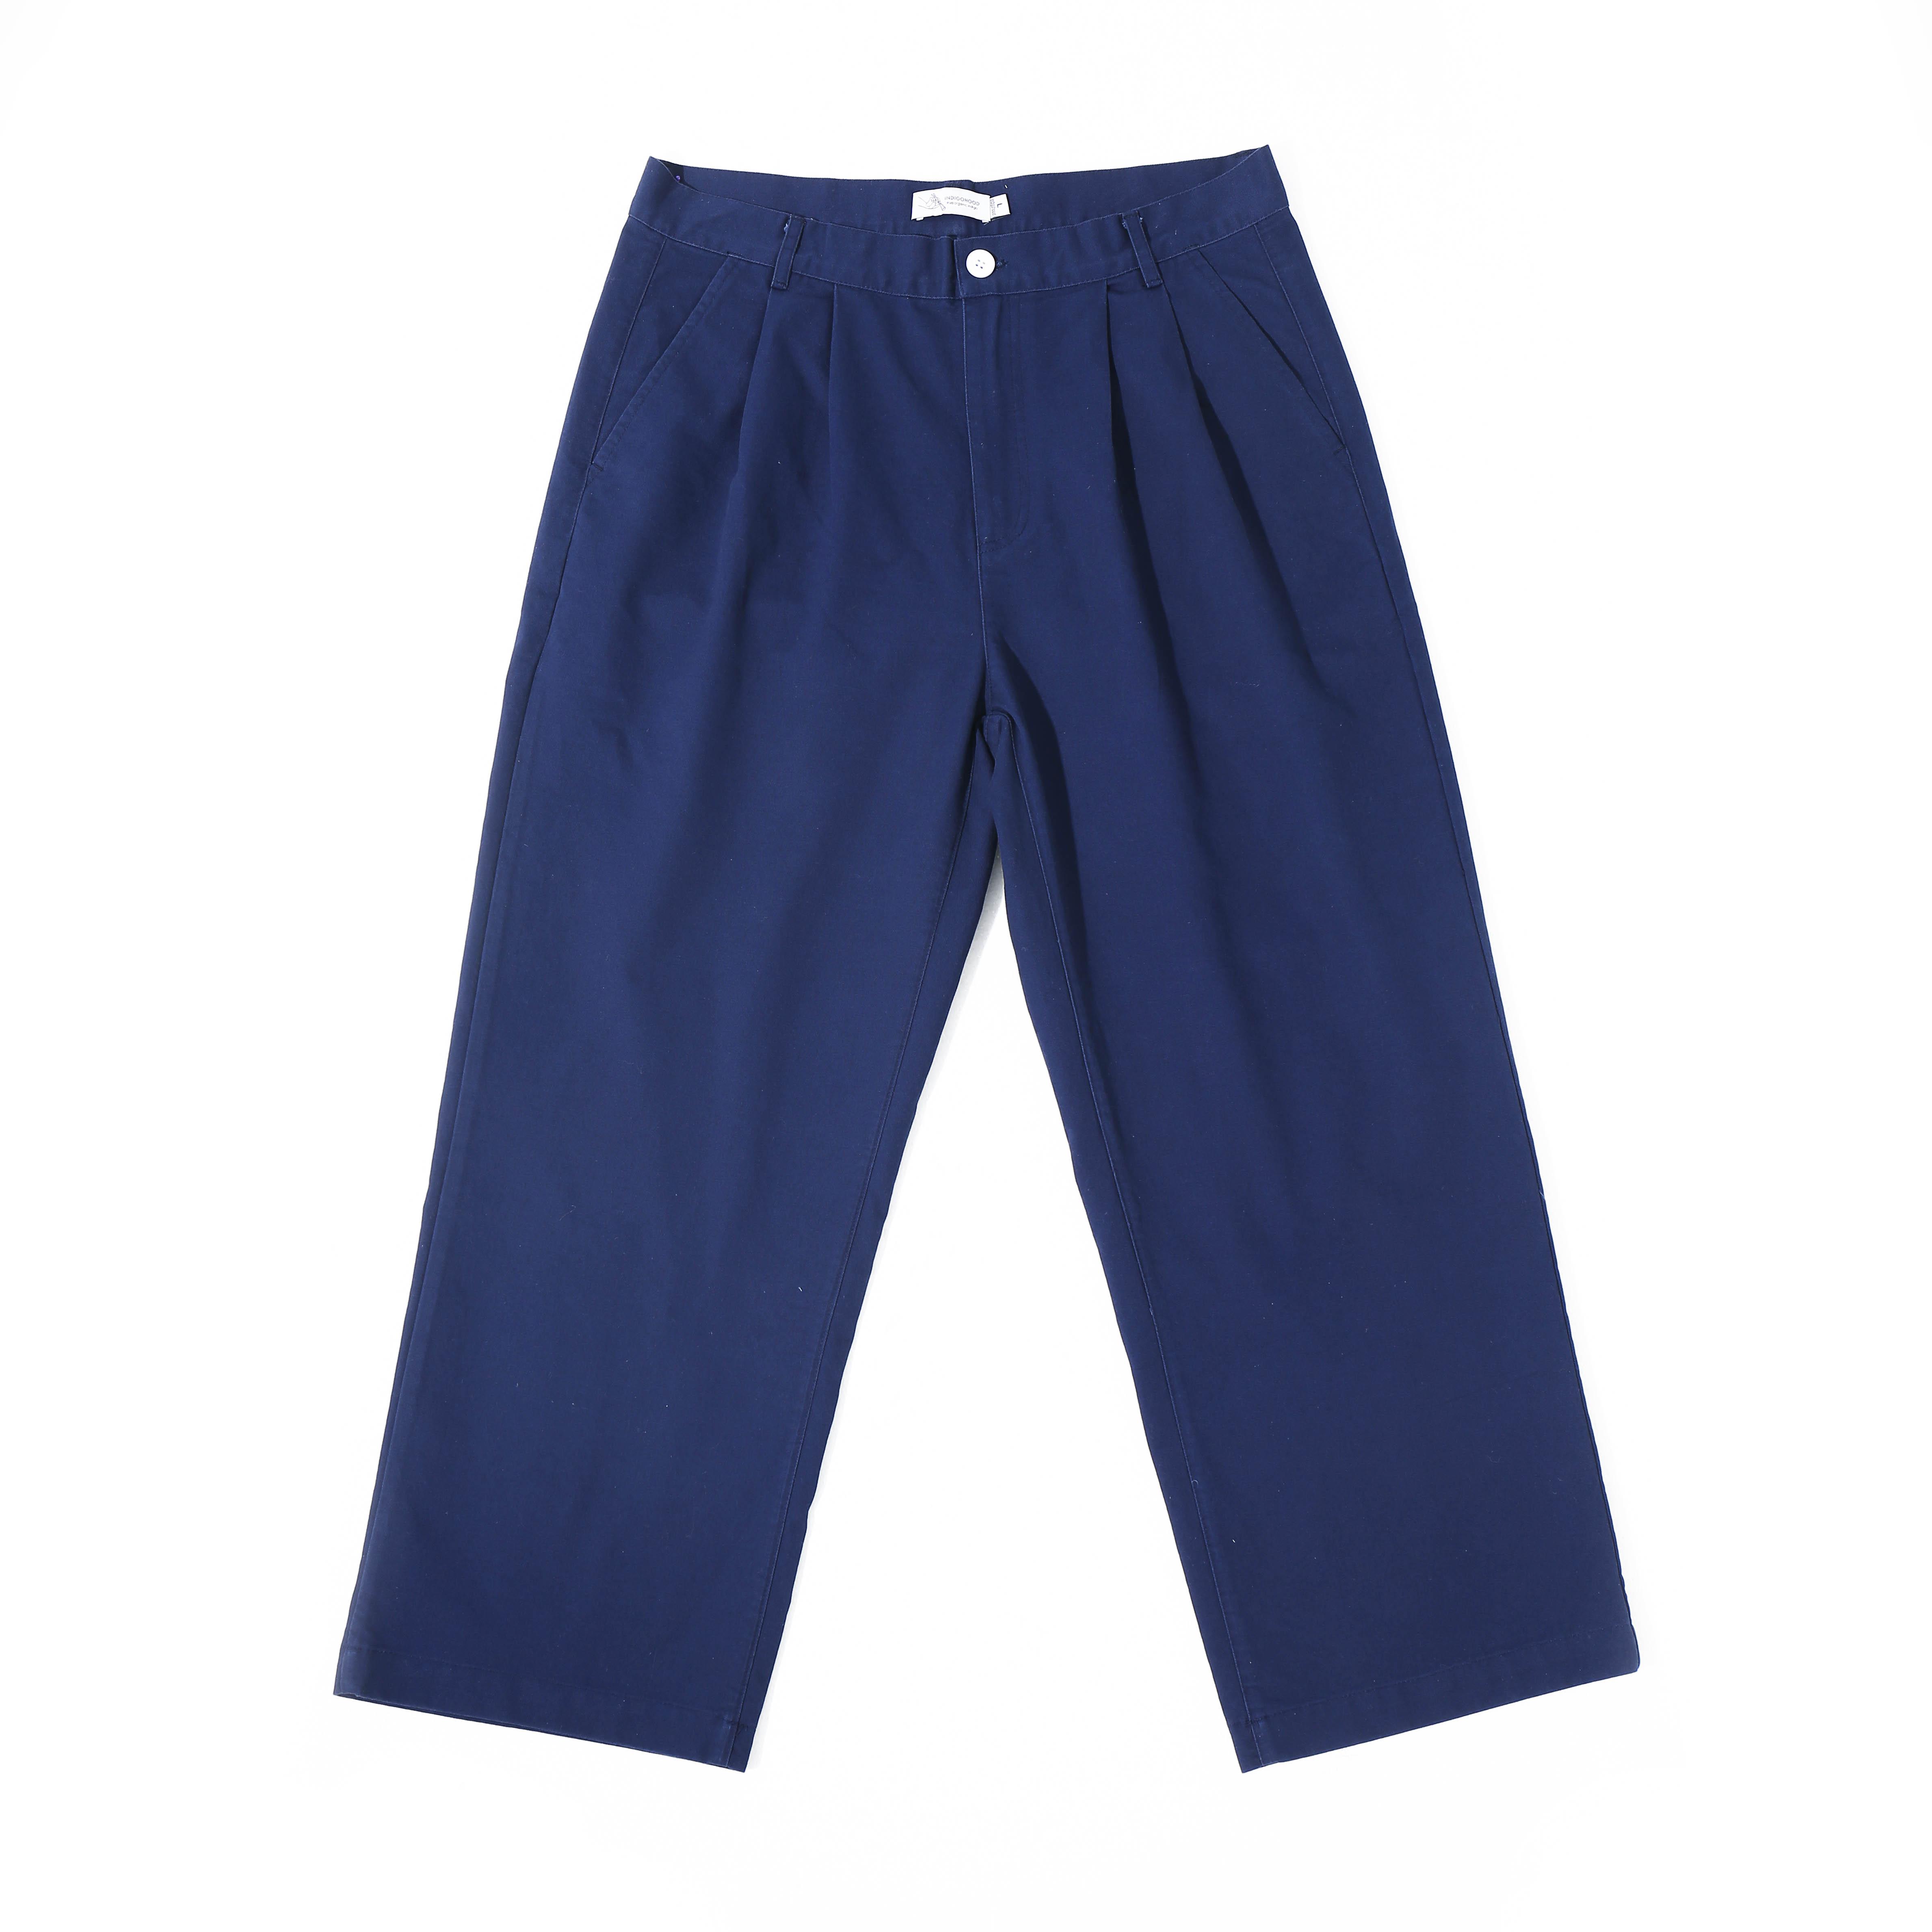 夏季不知该添哪件裤子?跟着这篇买就没错!  夏6月 第35张